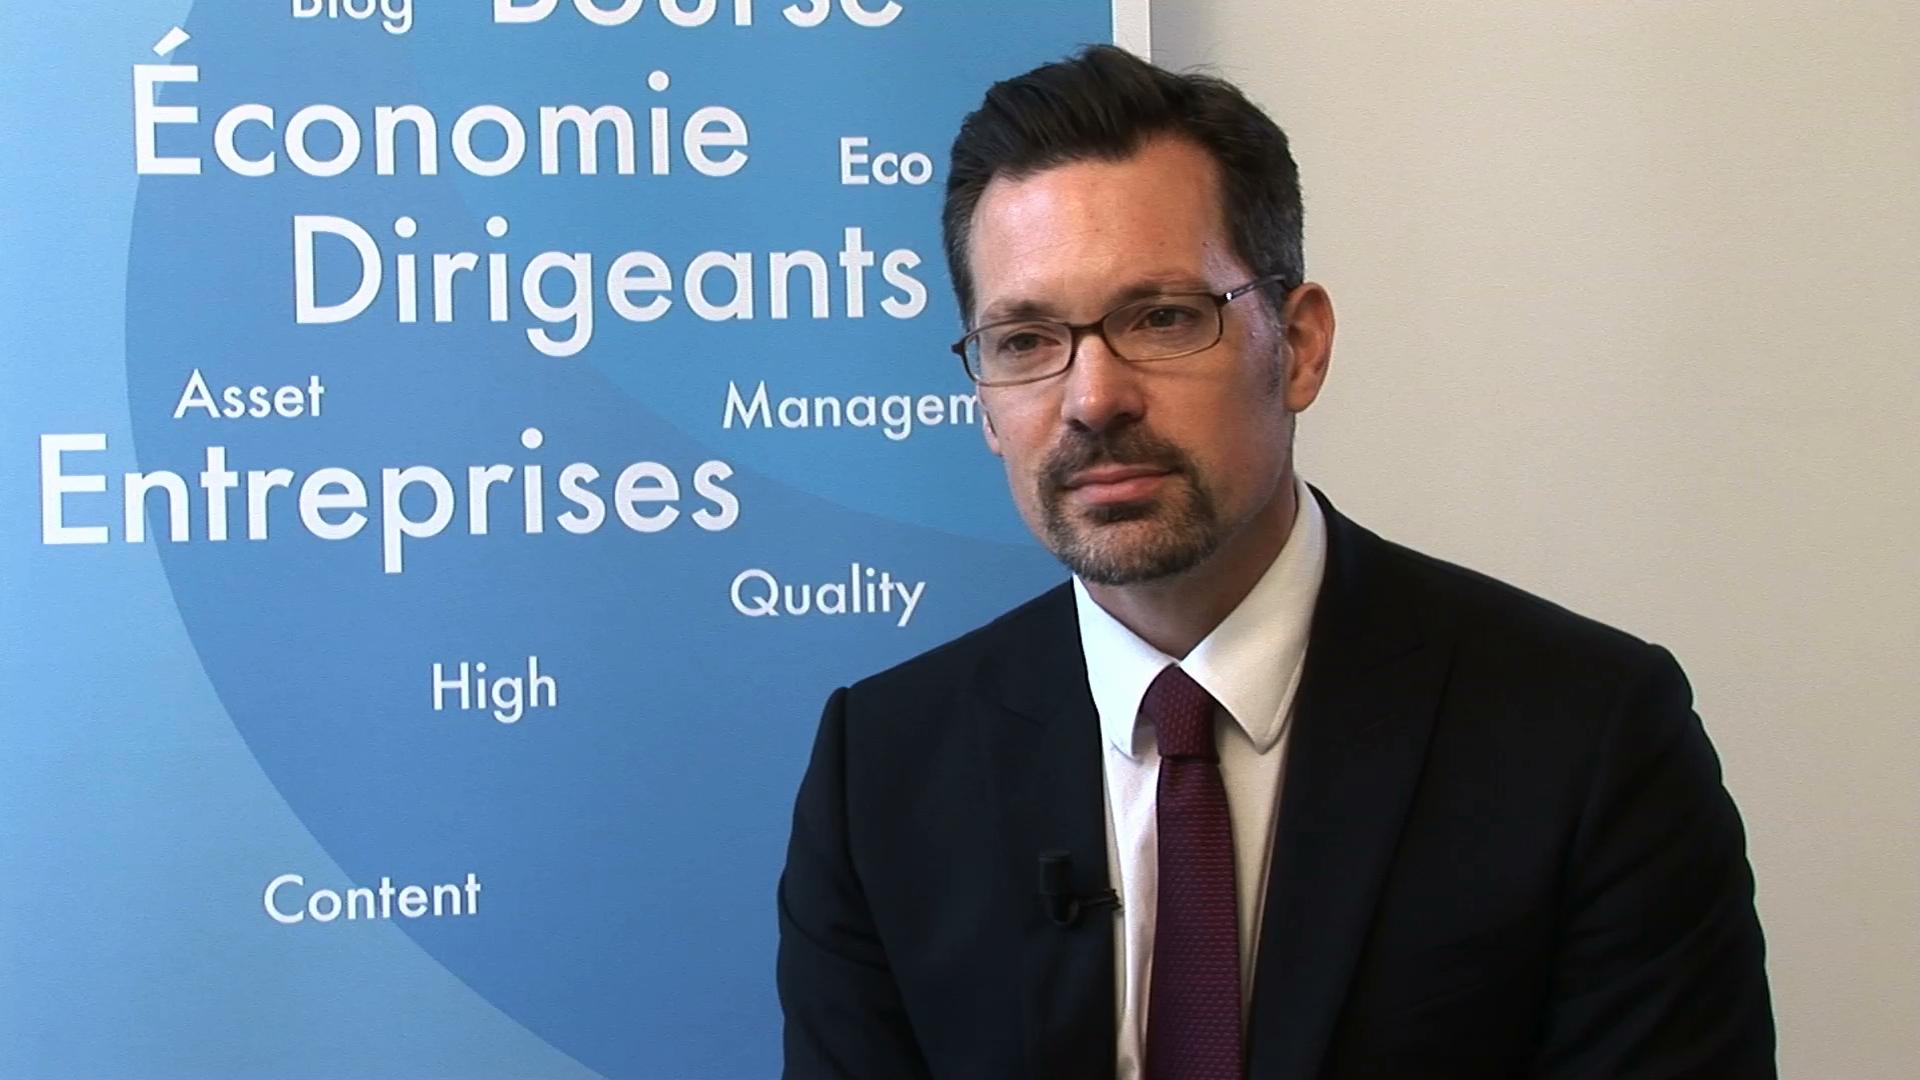 """Guillaume Roques Directeur Marketing EMEA Salesforce : """"L'accès aux technologies est plus facile pour les PME"""" : Transformation des PME dans le numérique"""